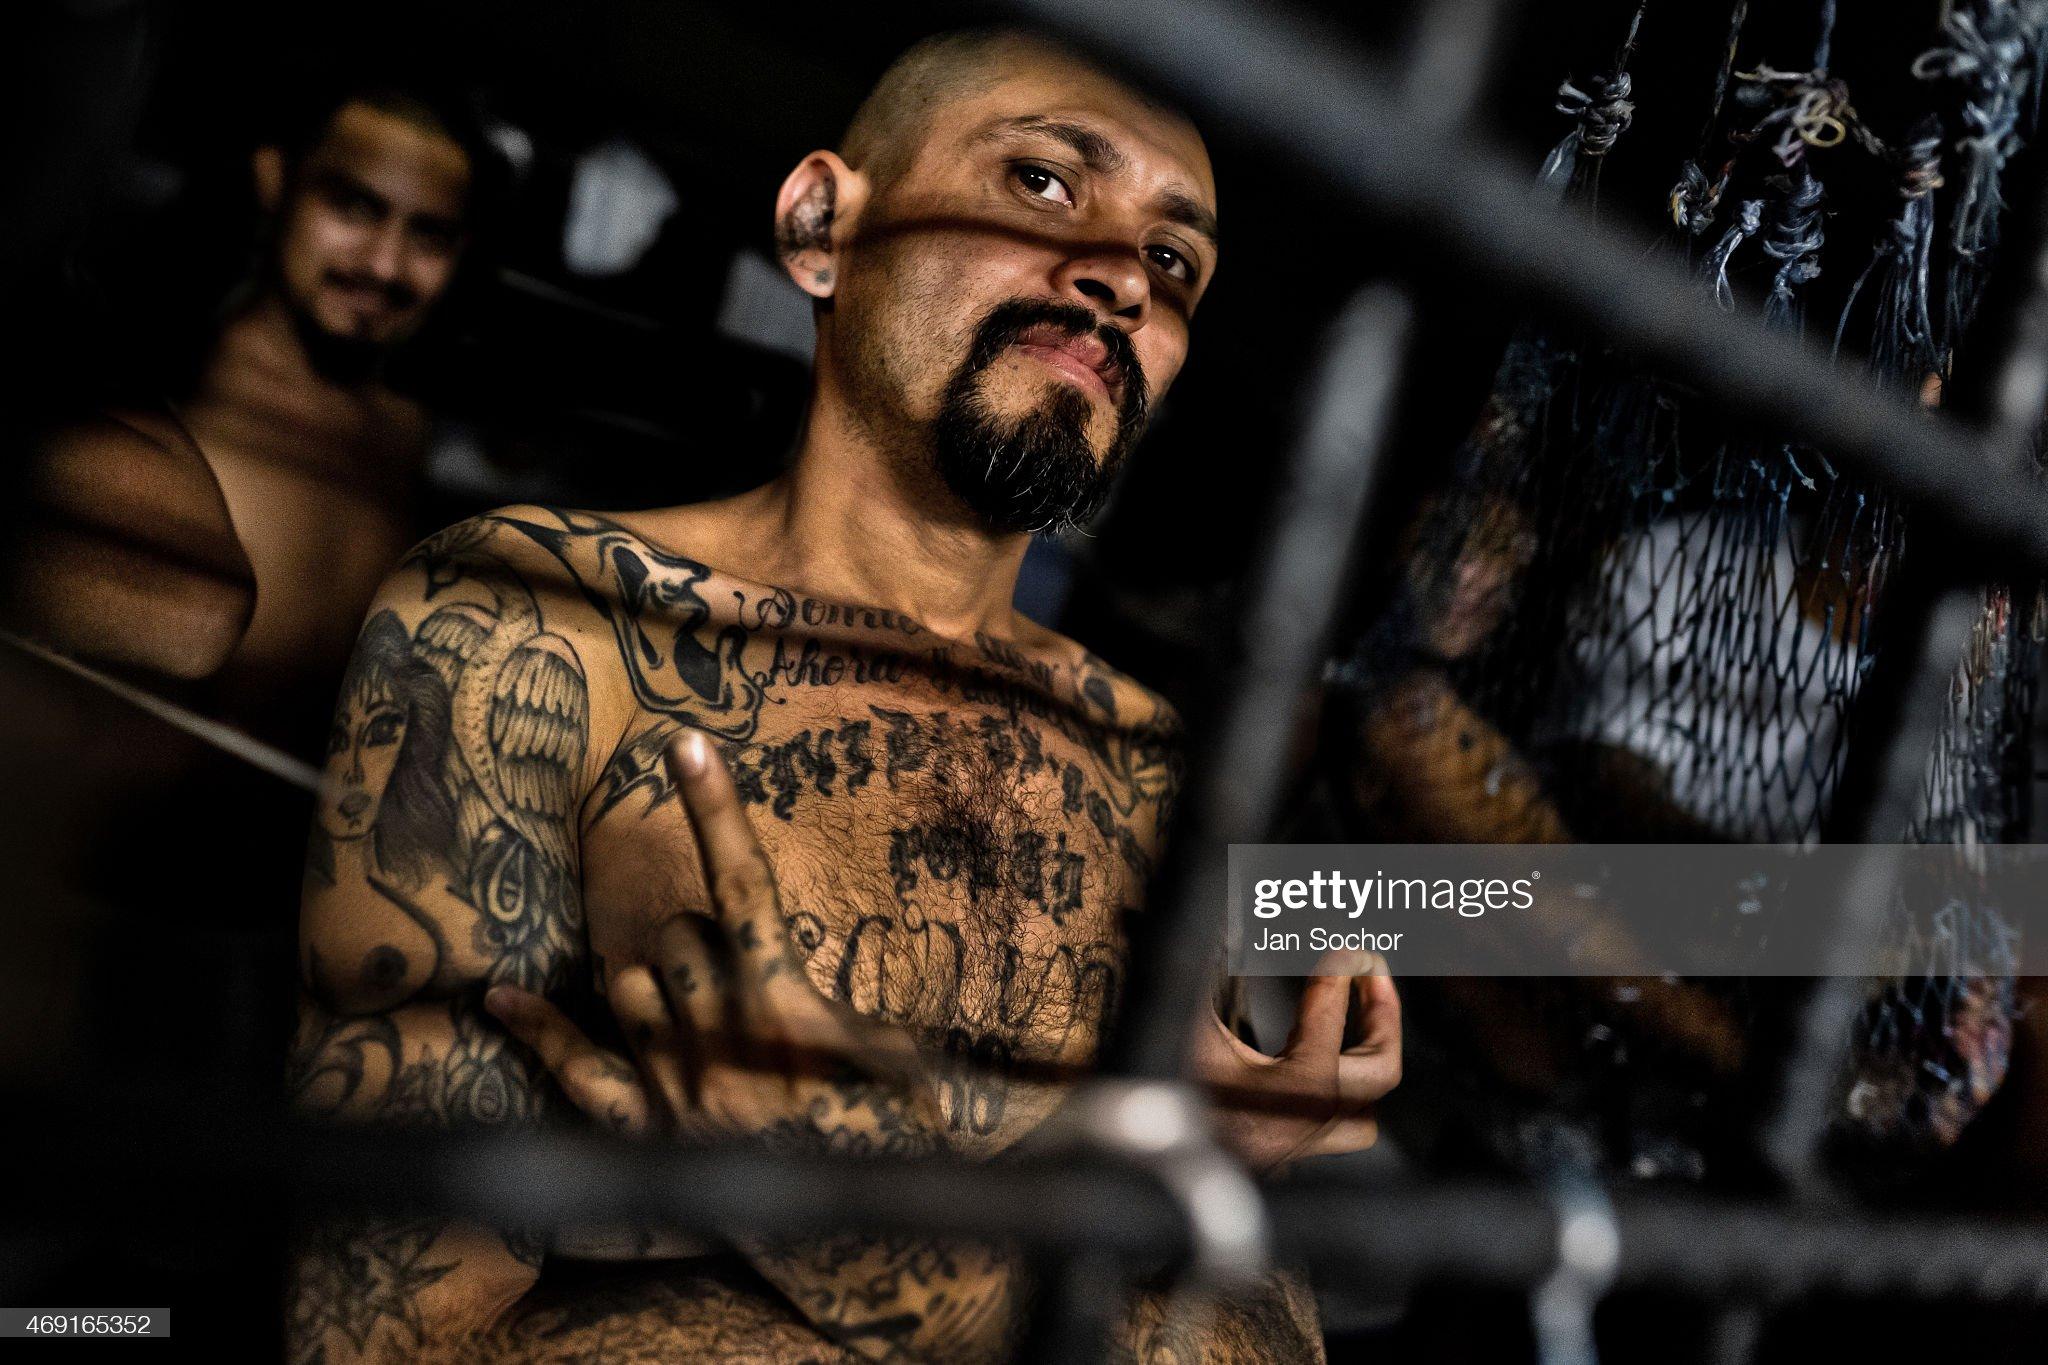 Overcrowded Prisons In El Salvador - Mara Salvatrucha Gang : Fotografía de noticias